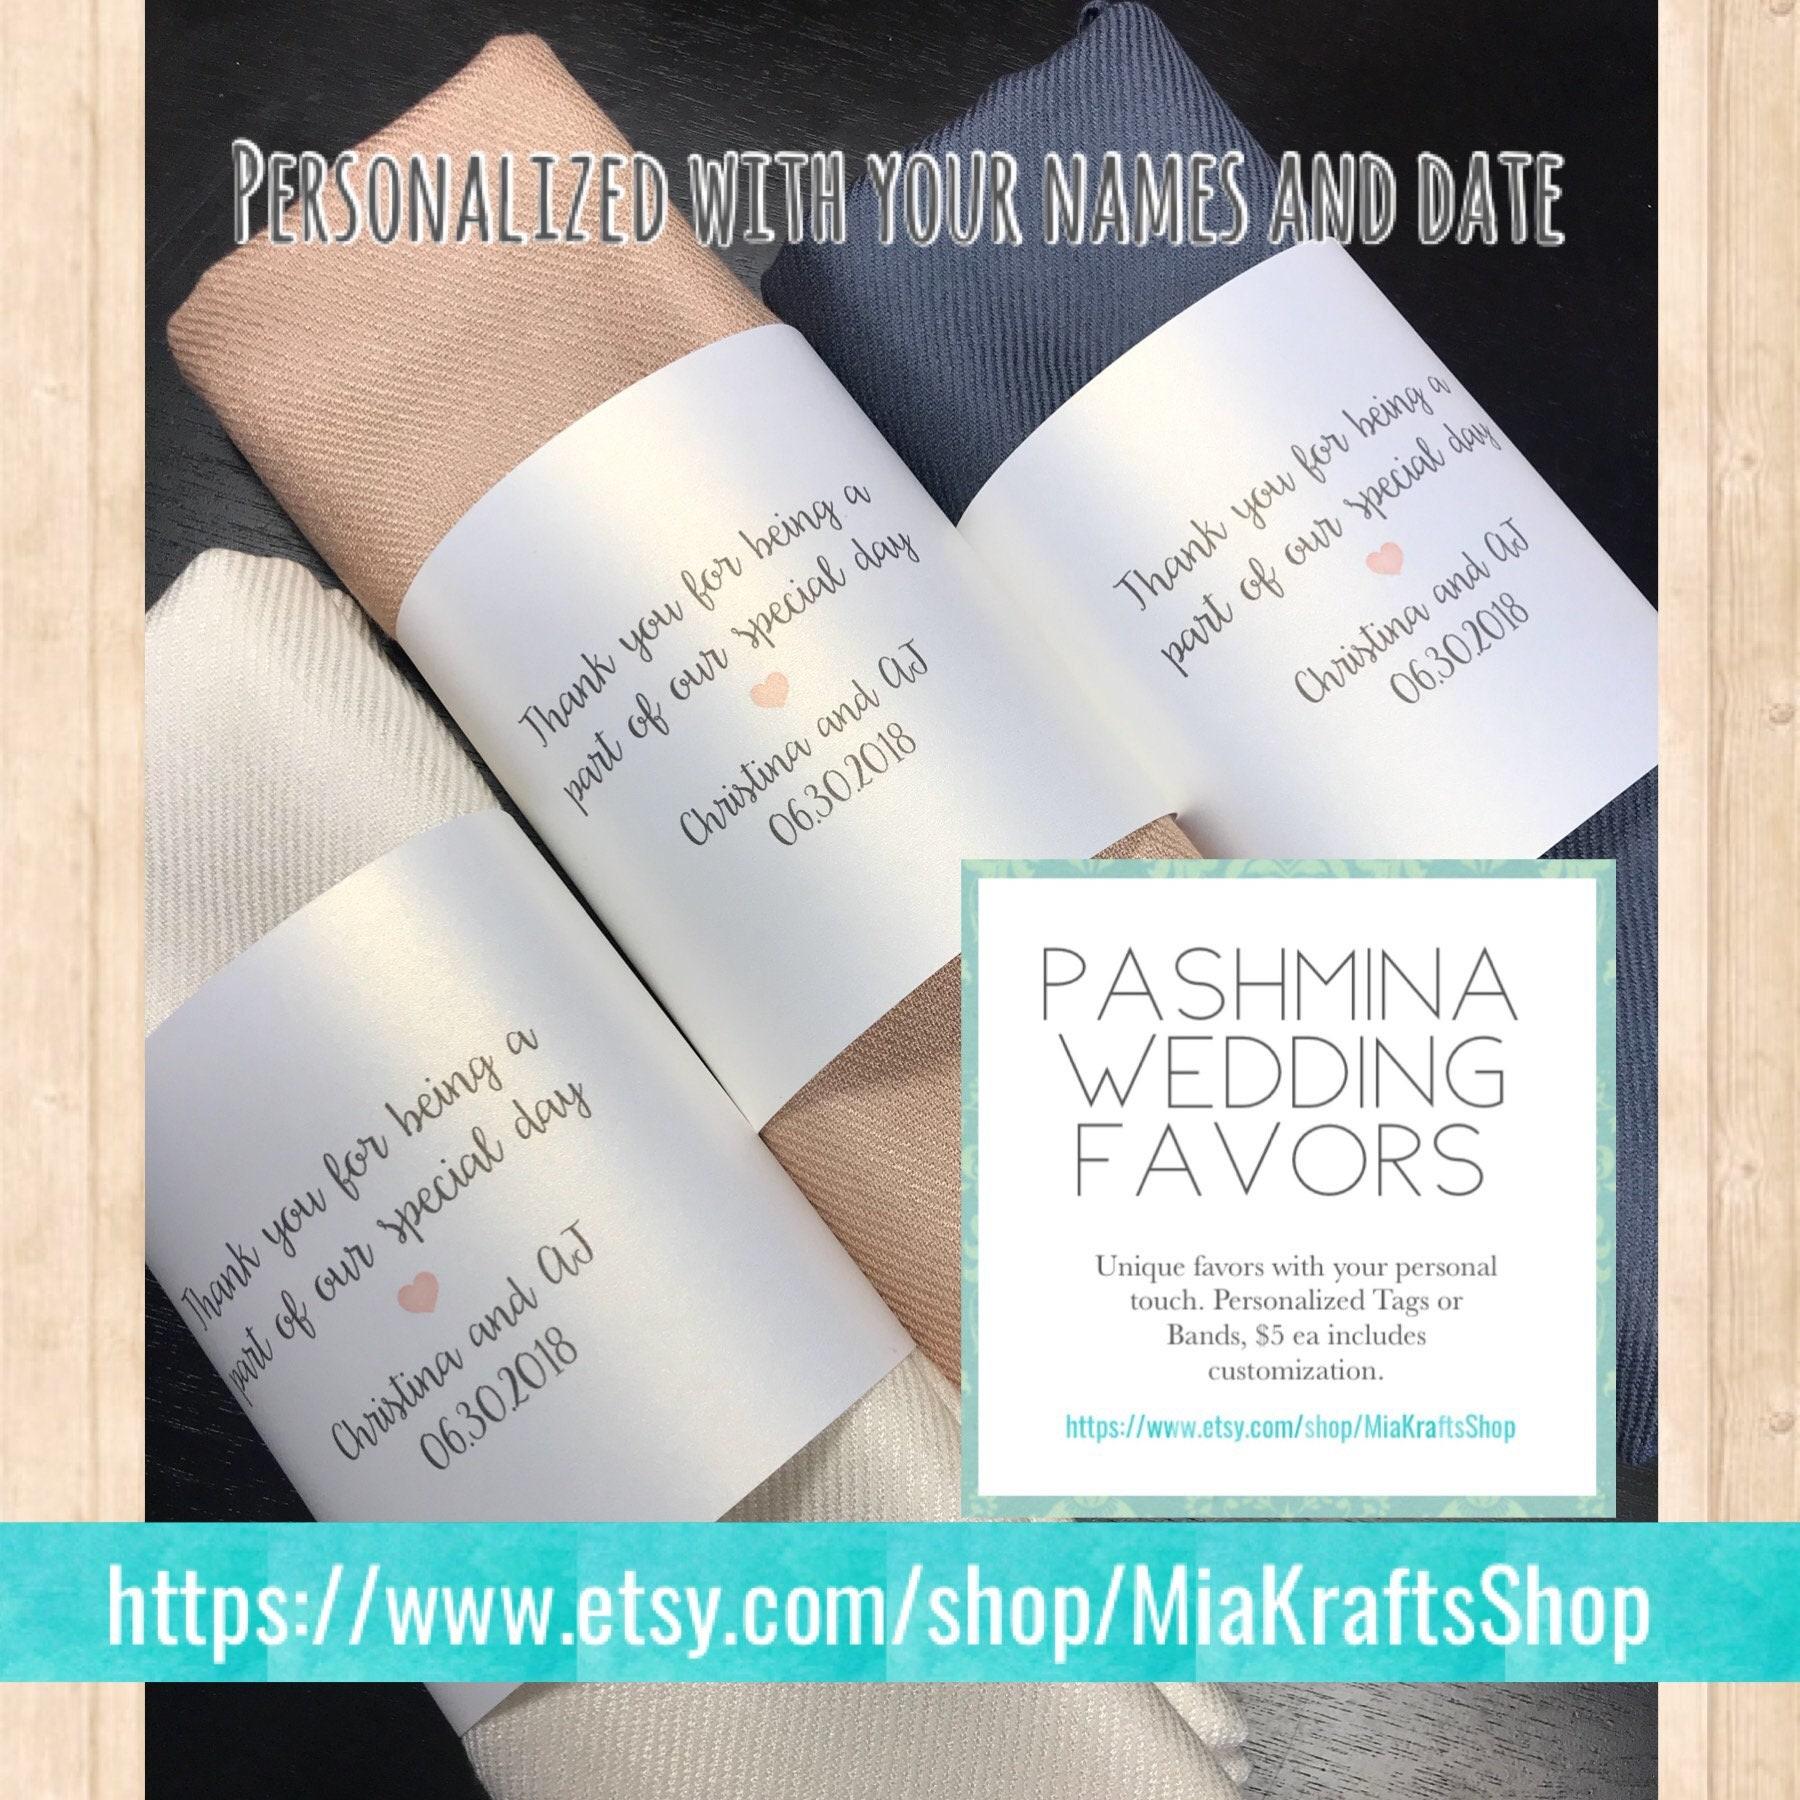 Pashmina 3pc Personalized shawl Bridesmaids gifts